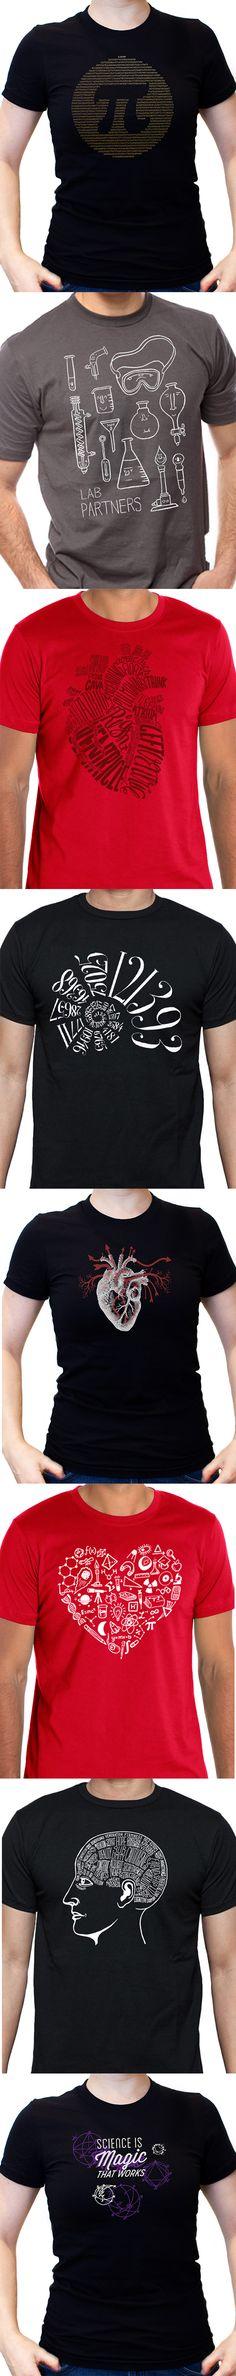 Science Tee Shirts